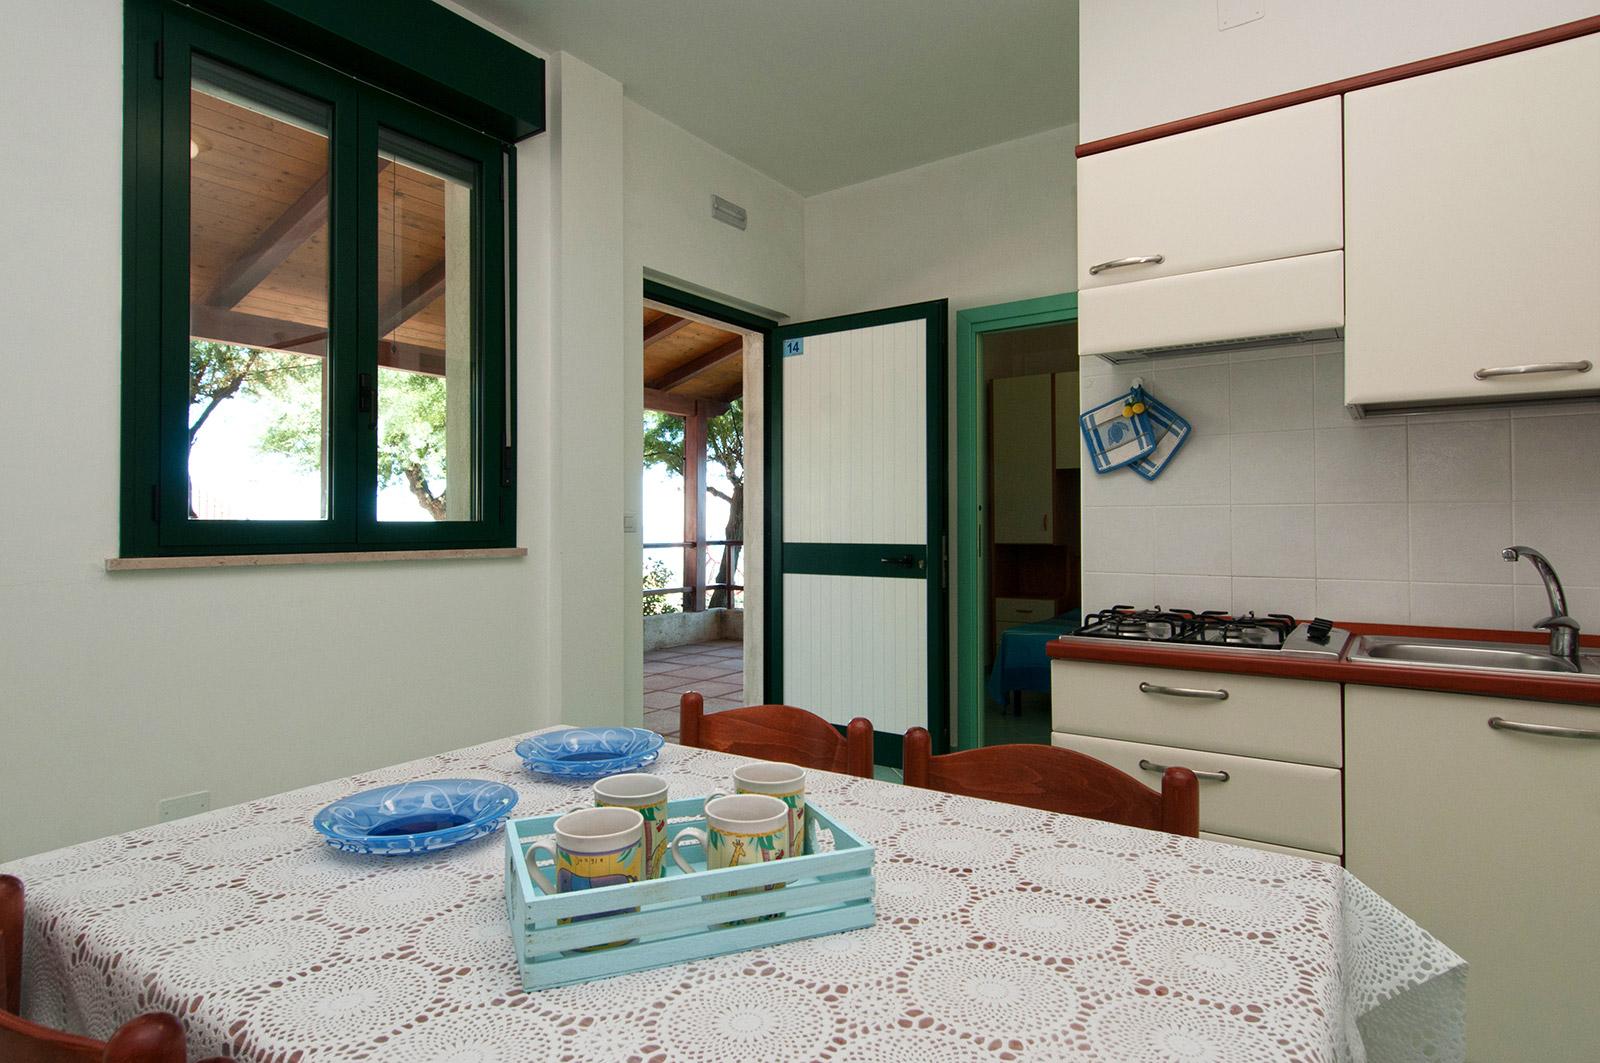 Angolo Cottura In Veranda : Villaggio azzurra i bilocali in muratura